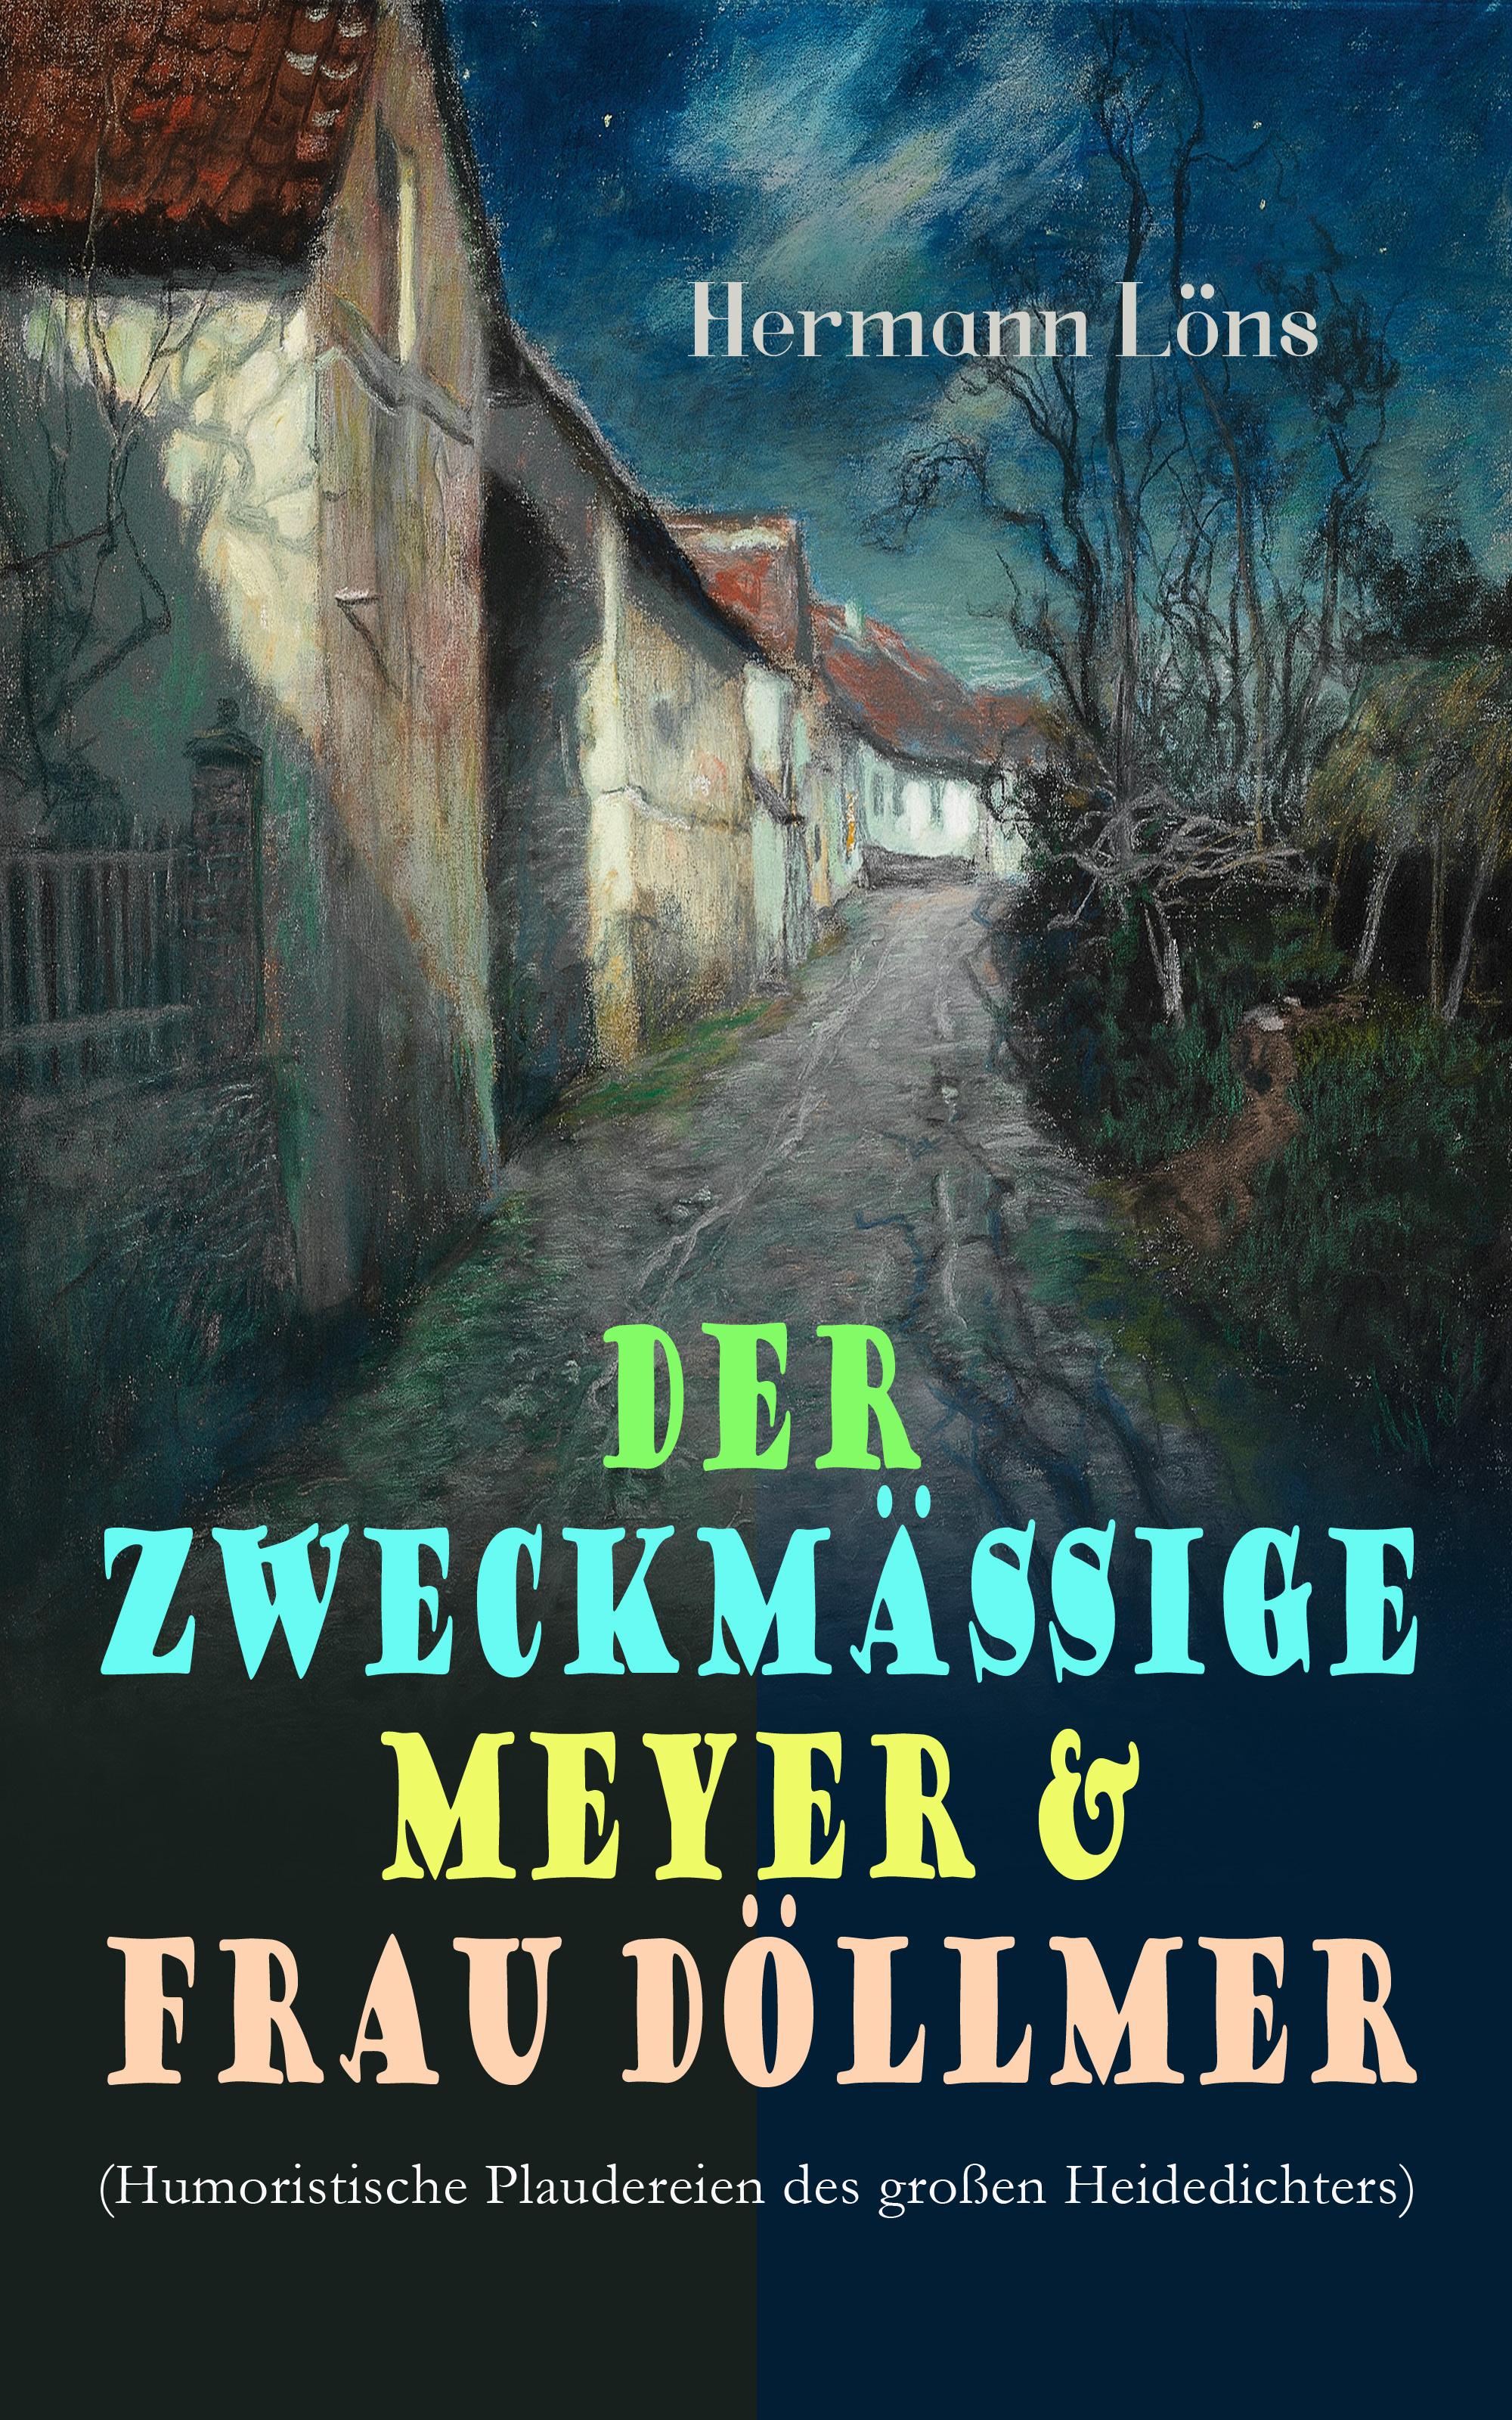 Löns Hermann Der zweckmäßige Meyer & Frau Döllmer (Humoristische Plaudereien des großen Heidedichters) otto ernst humoristische plaudereien